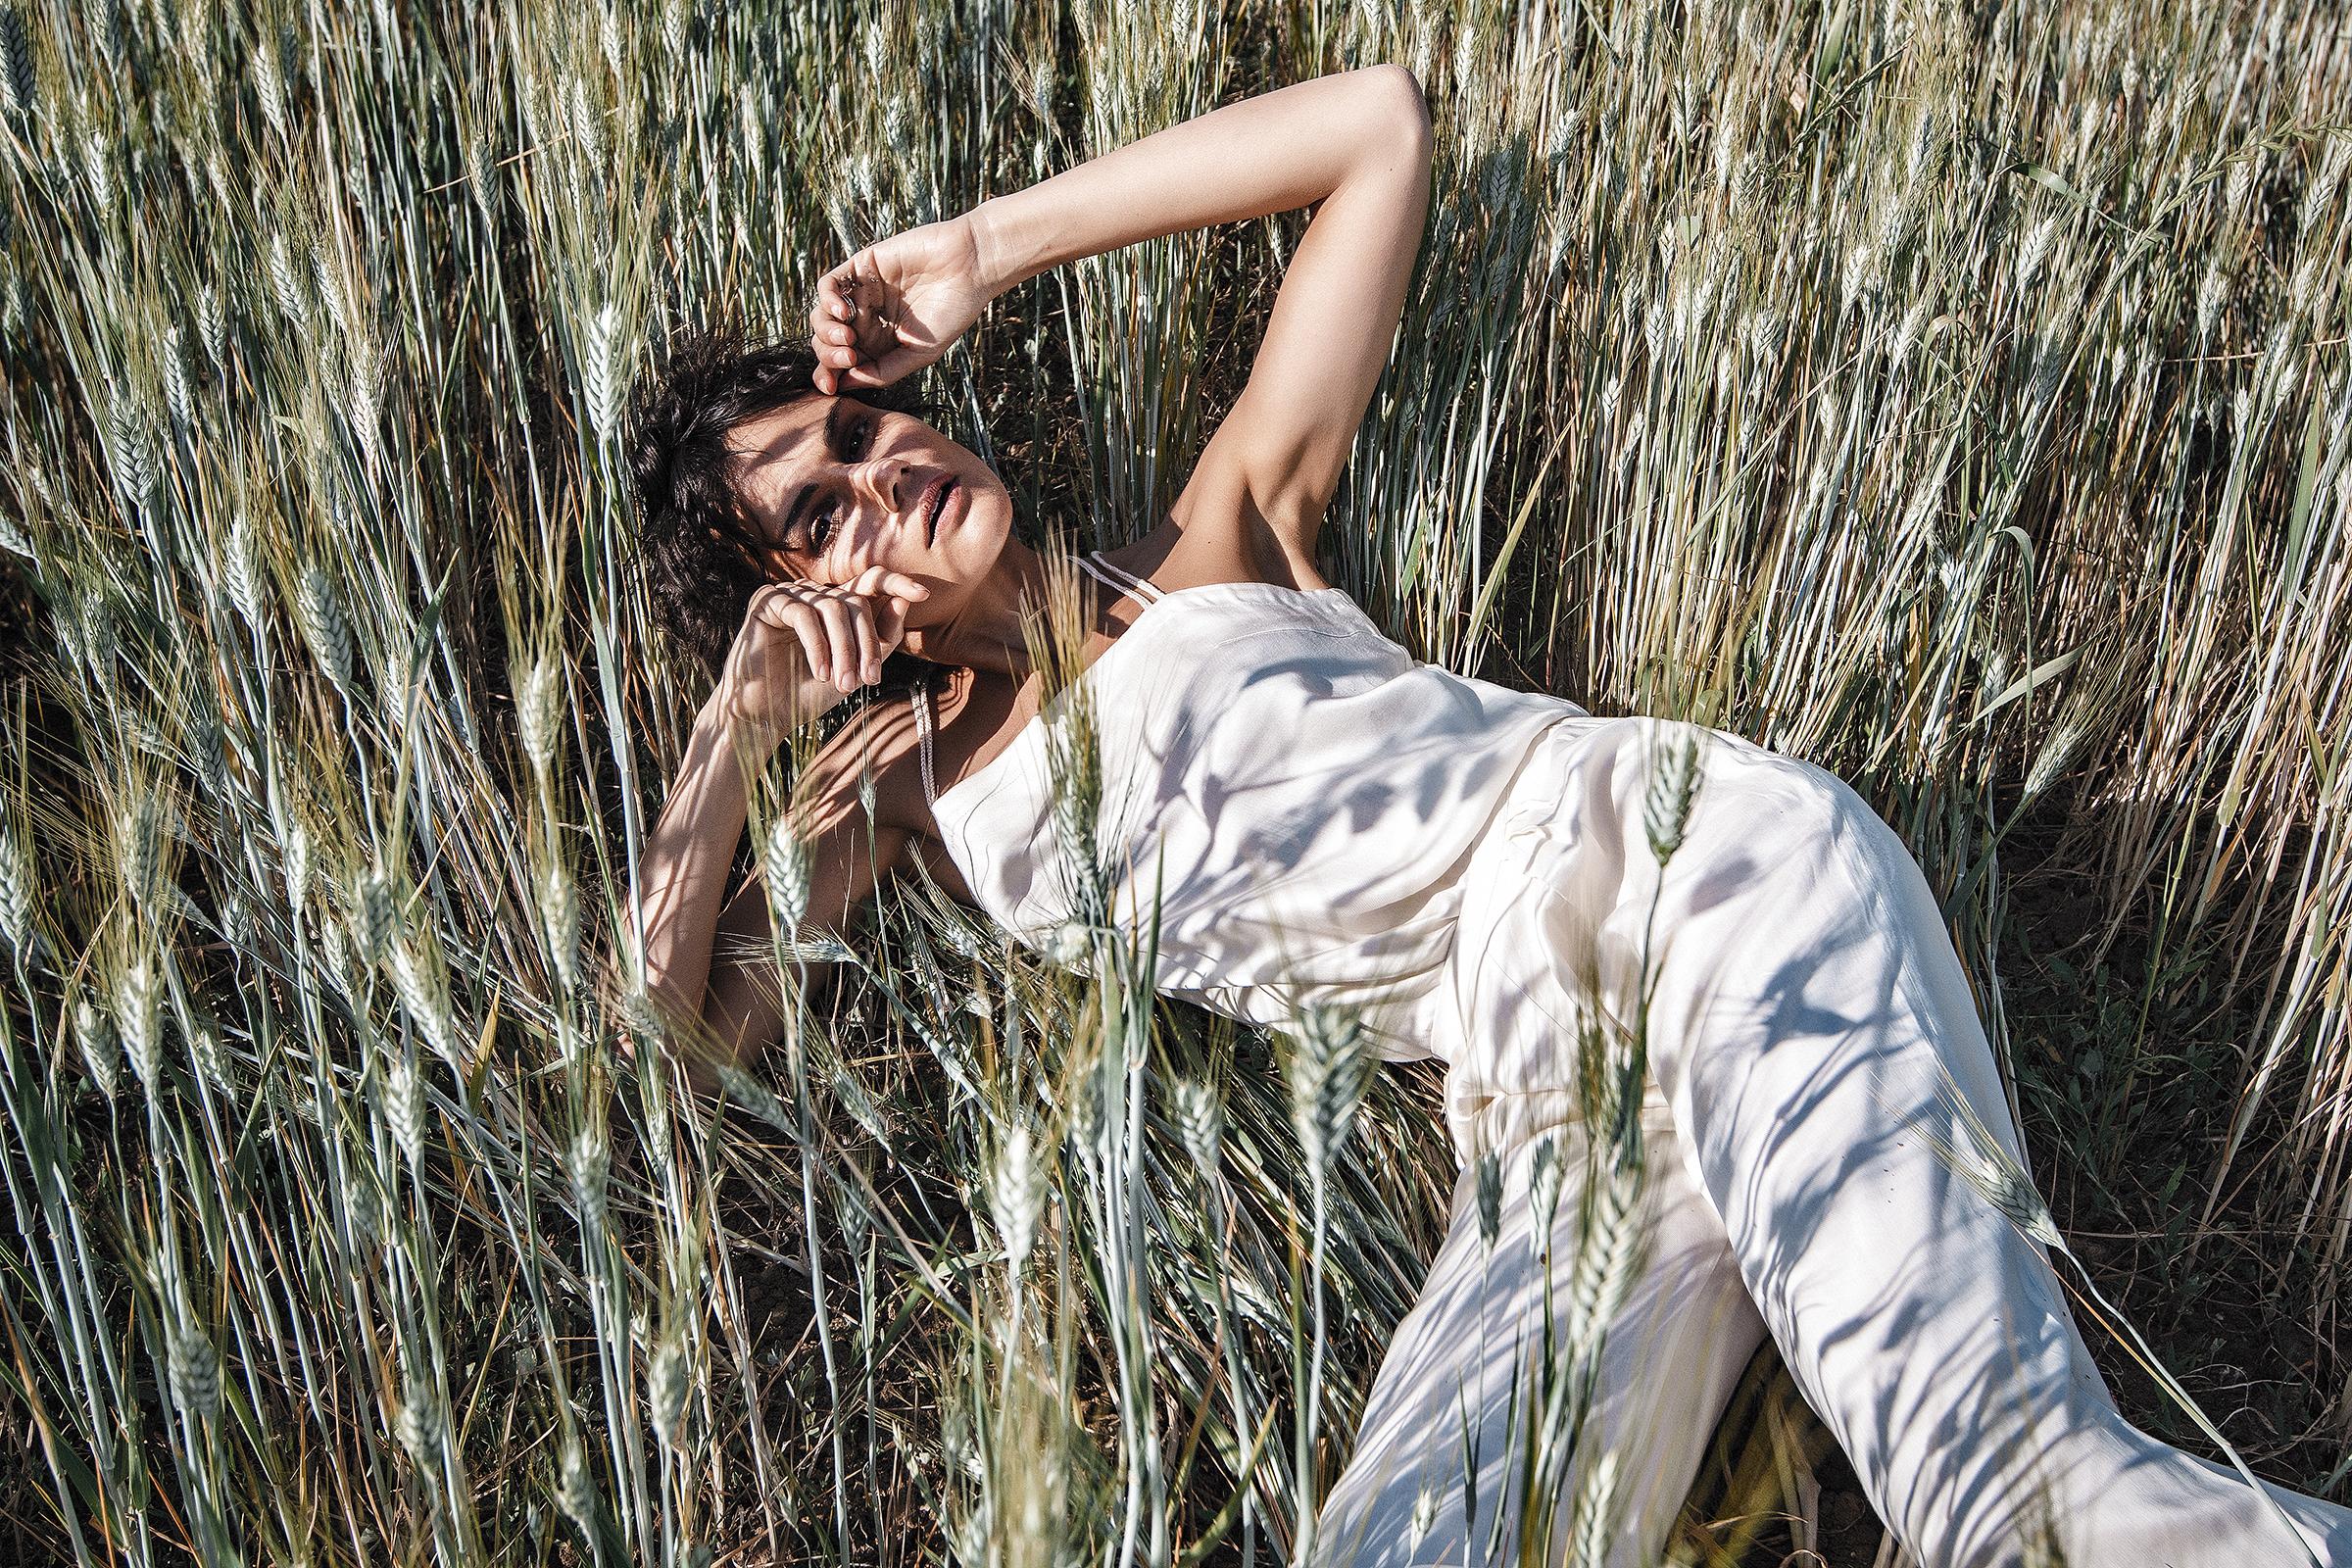 Moda italiana artigianale sostenibile etica